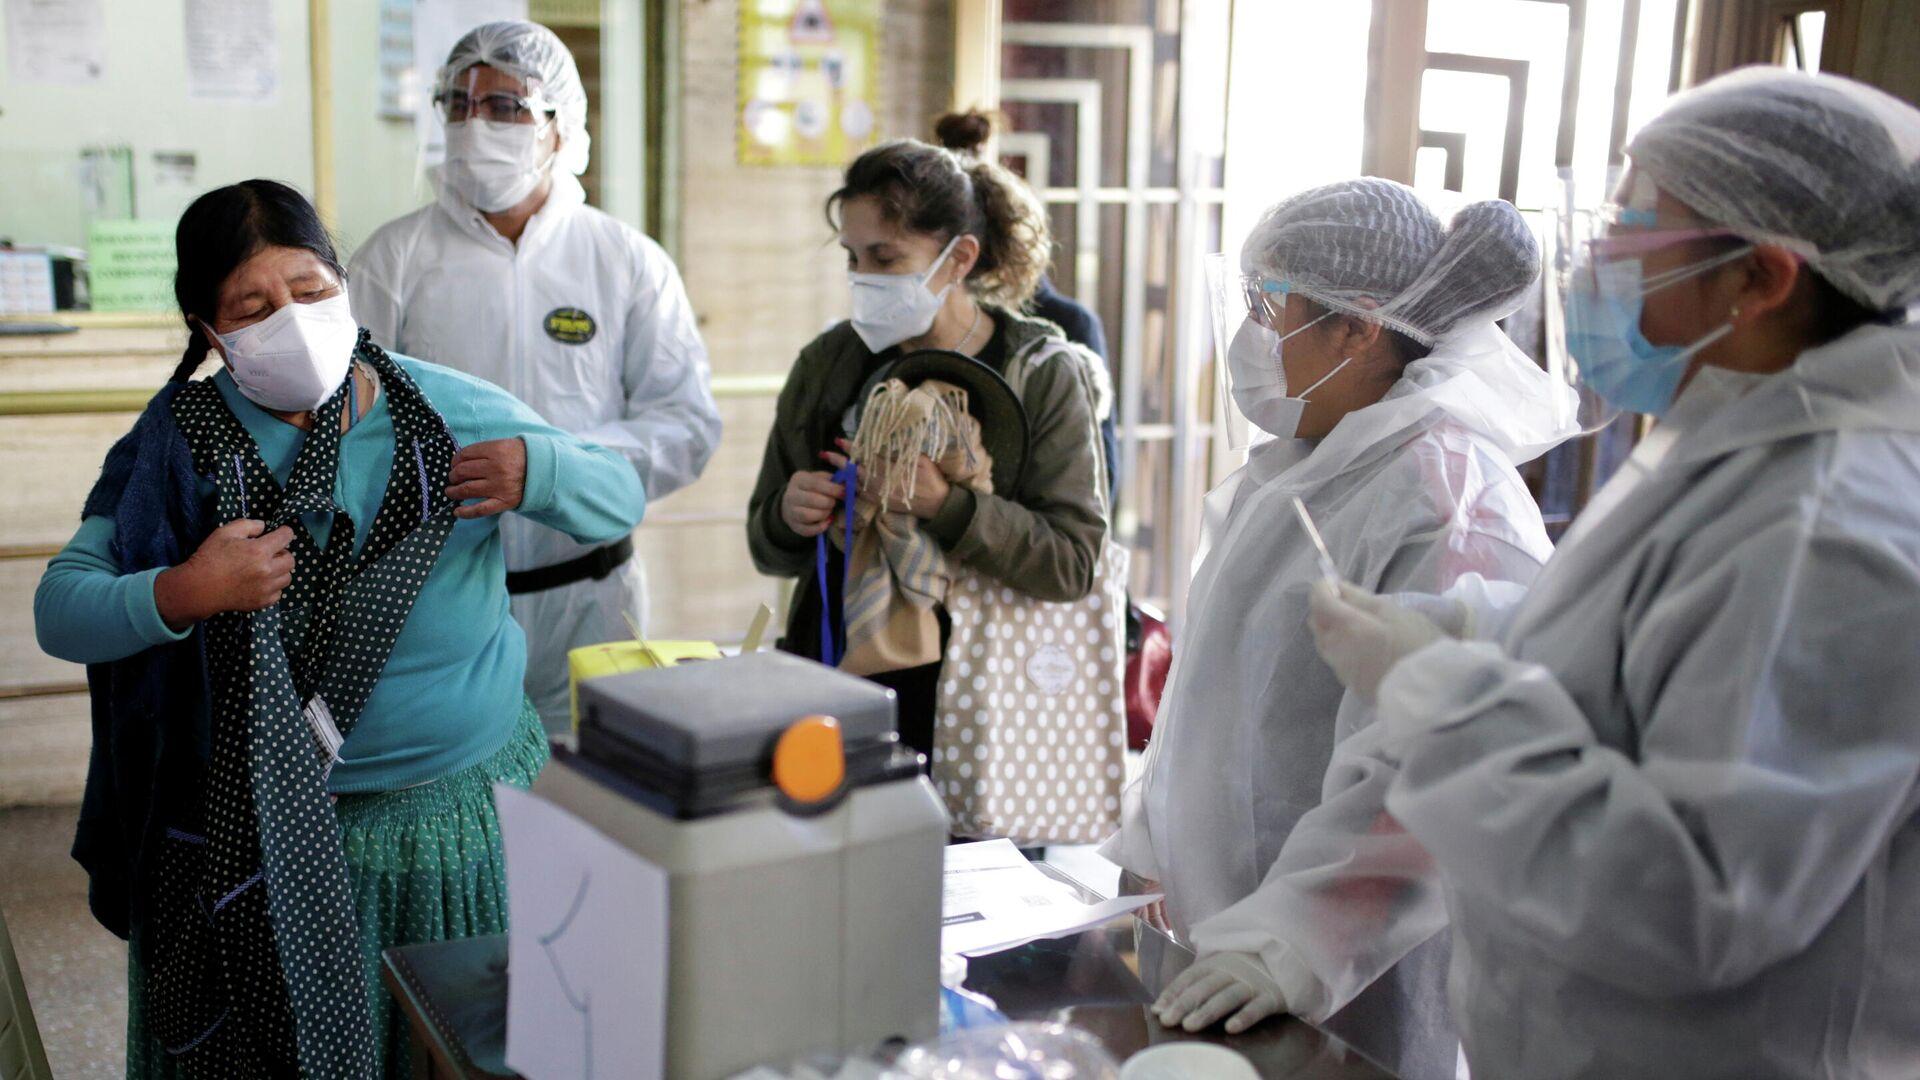 Vacunación contra el coronavirus en Bolivia - Sputnik Mundo, 1920, 07.05.2021